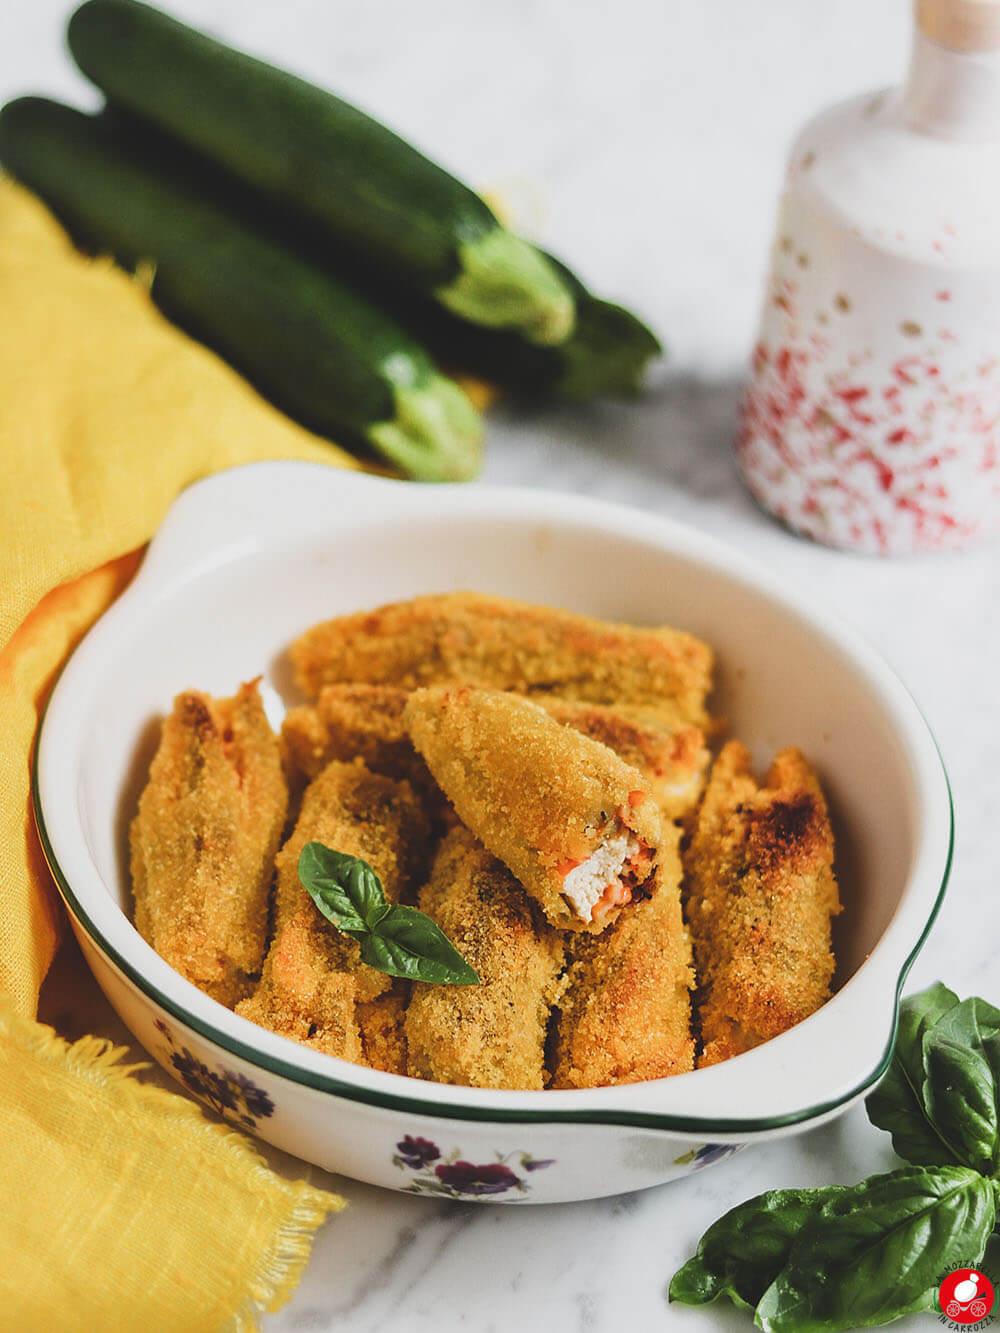 La Mozzarella In Carrozza - Fiori di zucca croccanti al forno